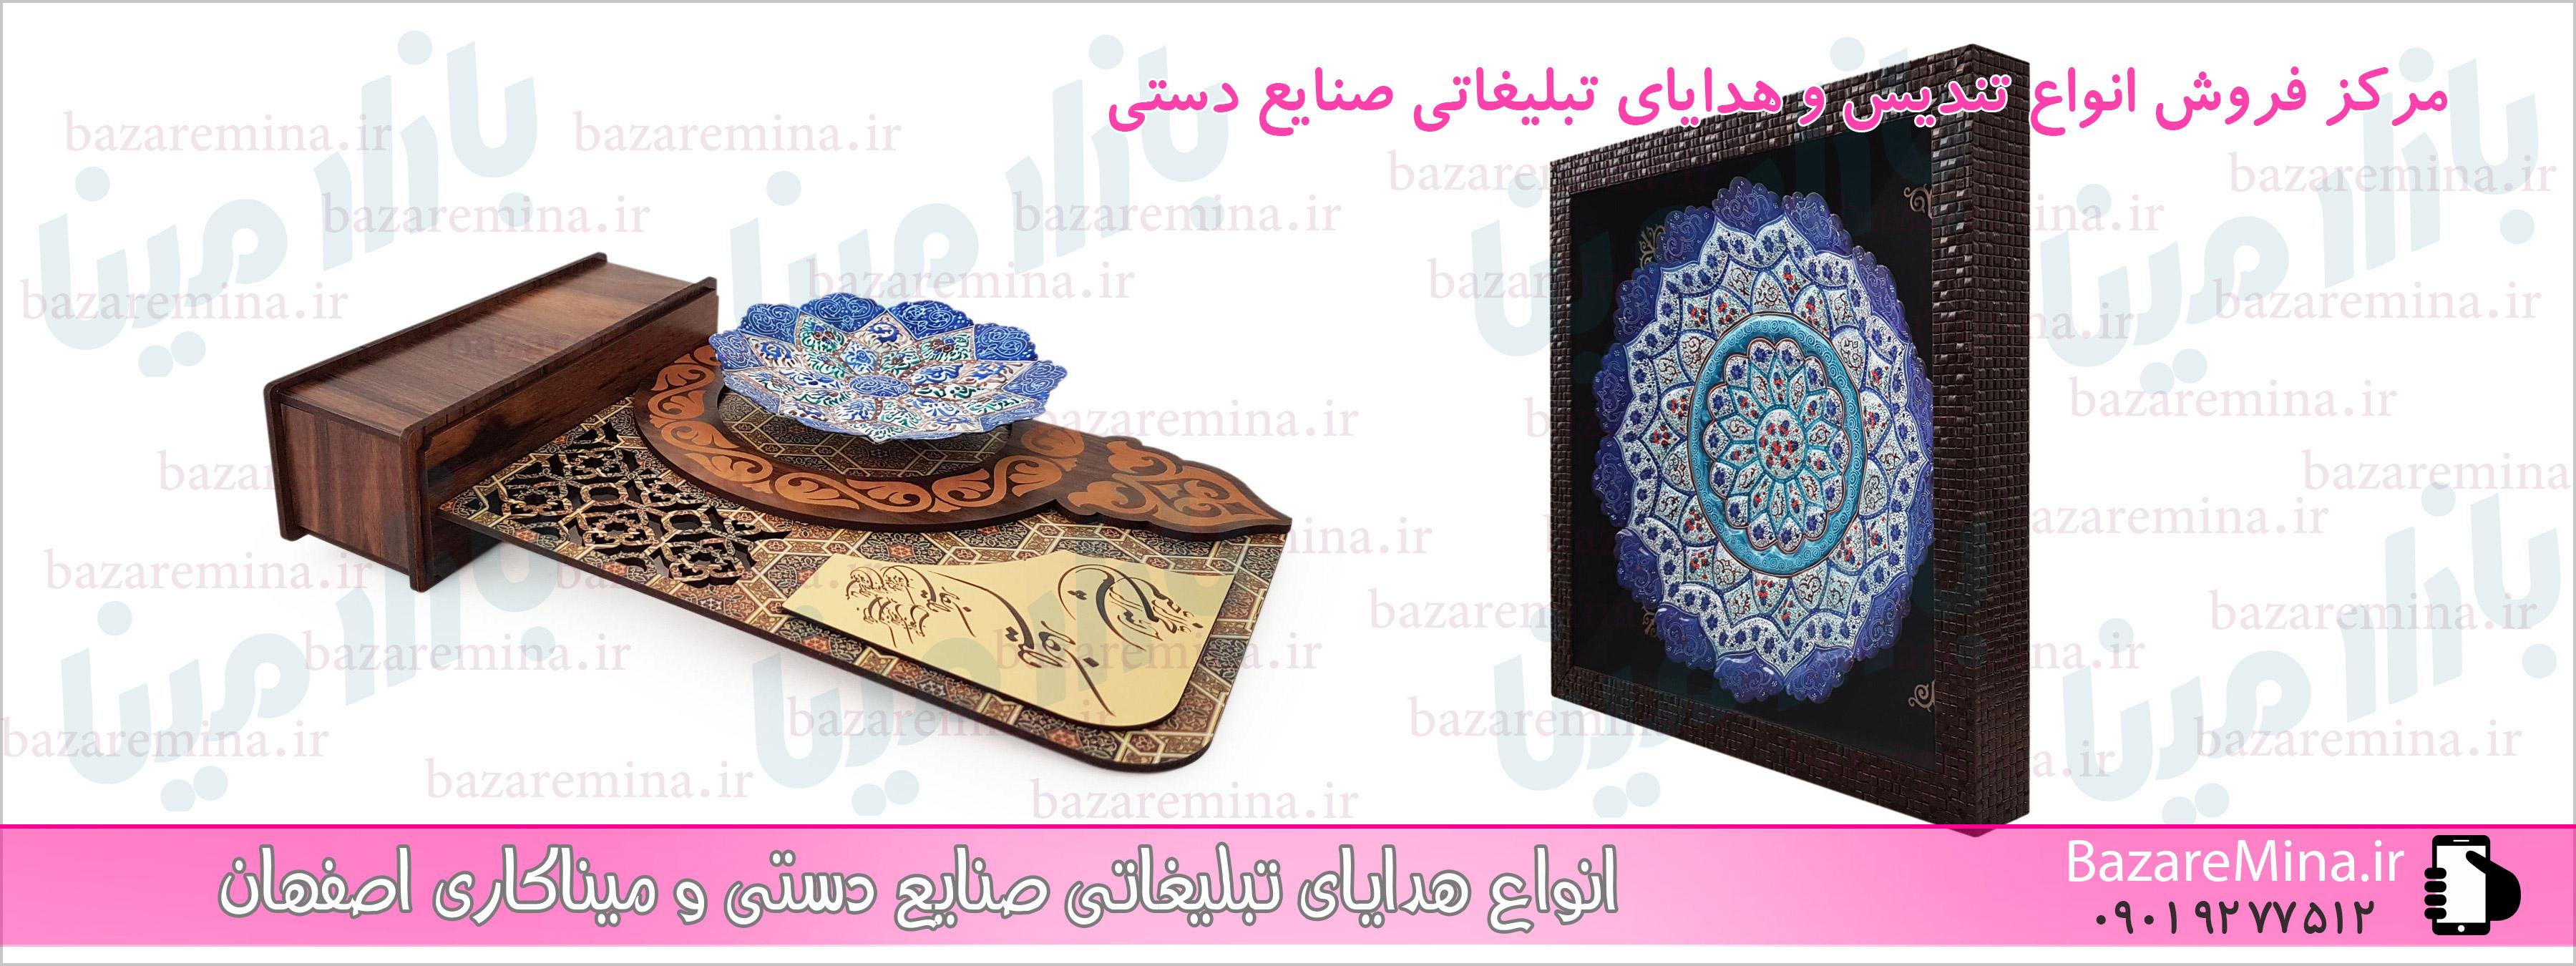 هدایای تبلیغاتی خاص اصفهان